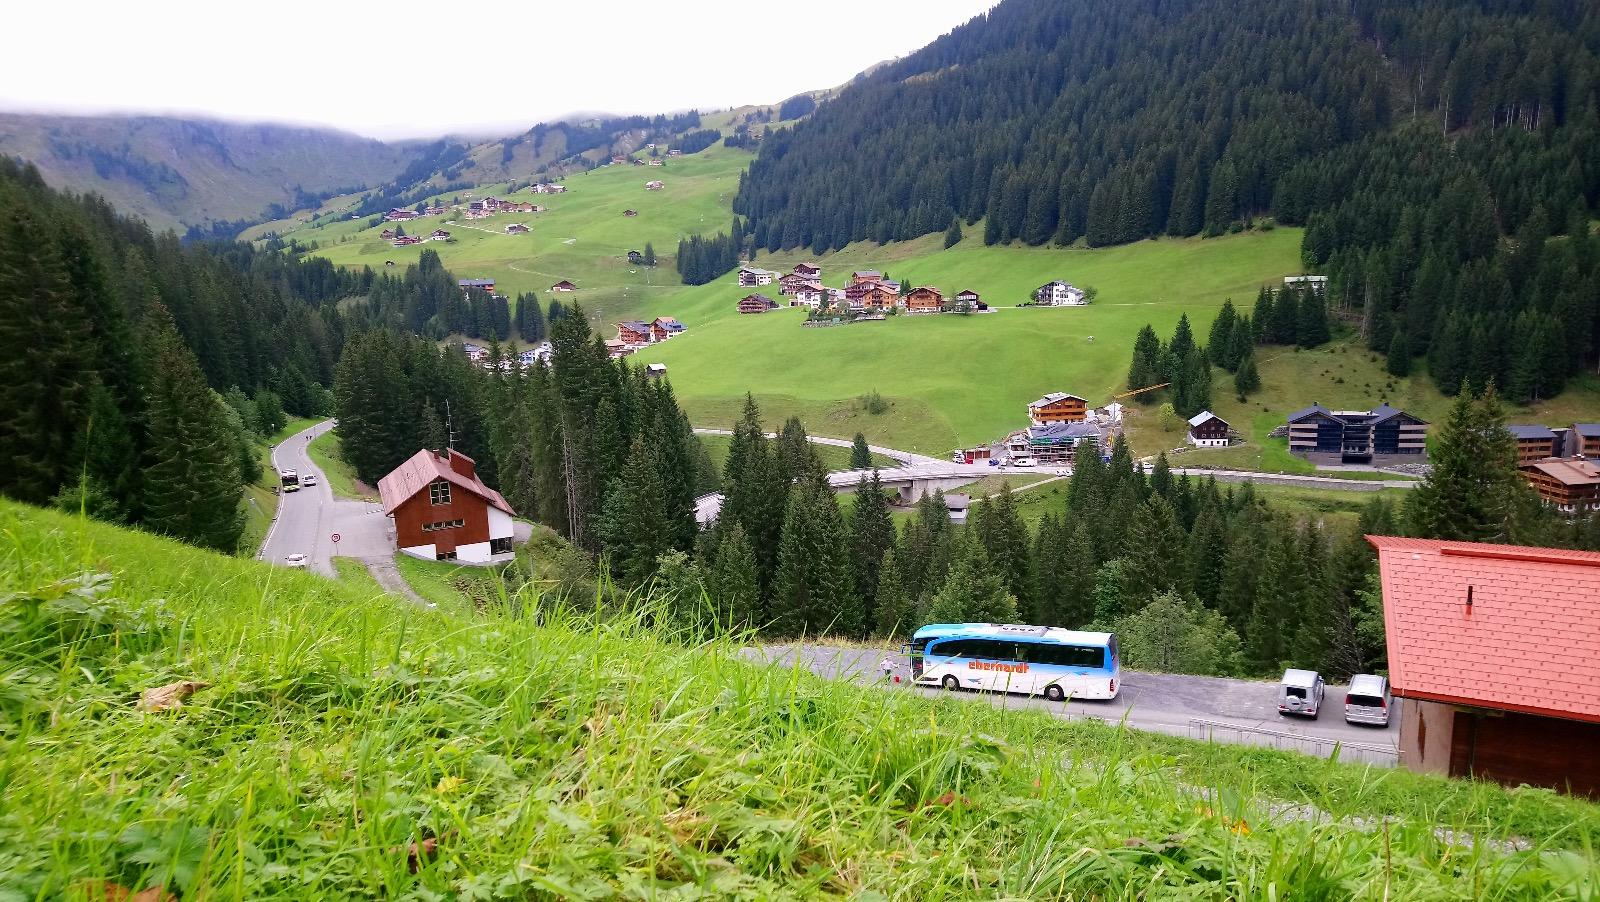 https://www.eberhardt-travel.de/reisebilder/reisetipp/bregenzer-wald-und-appenzeller-land/original/1451969